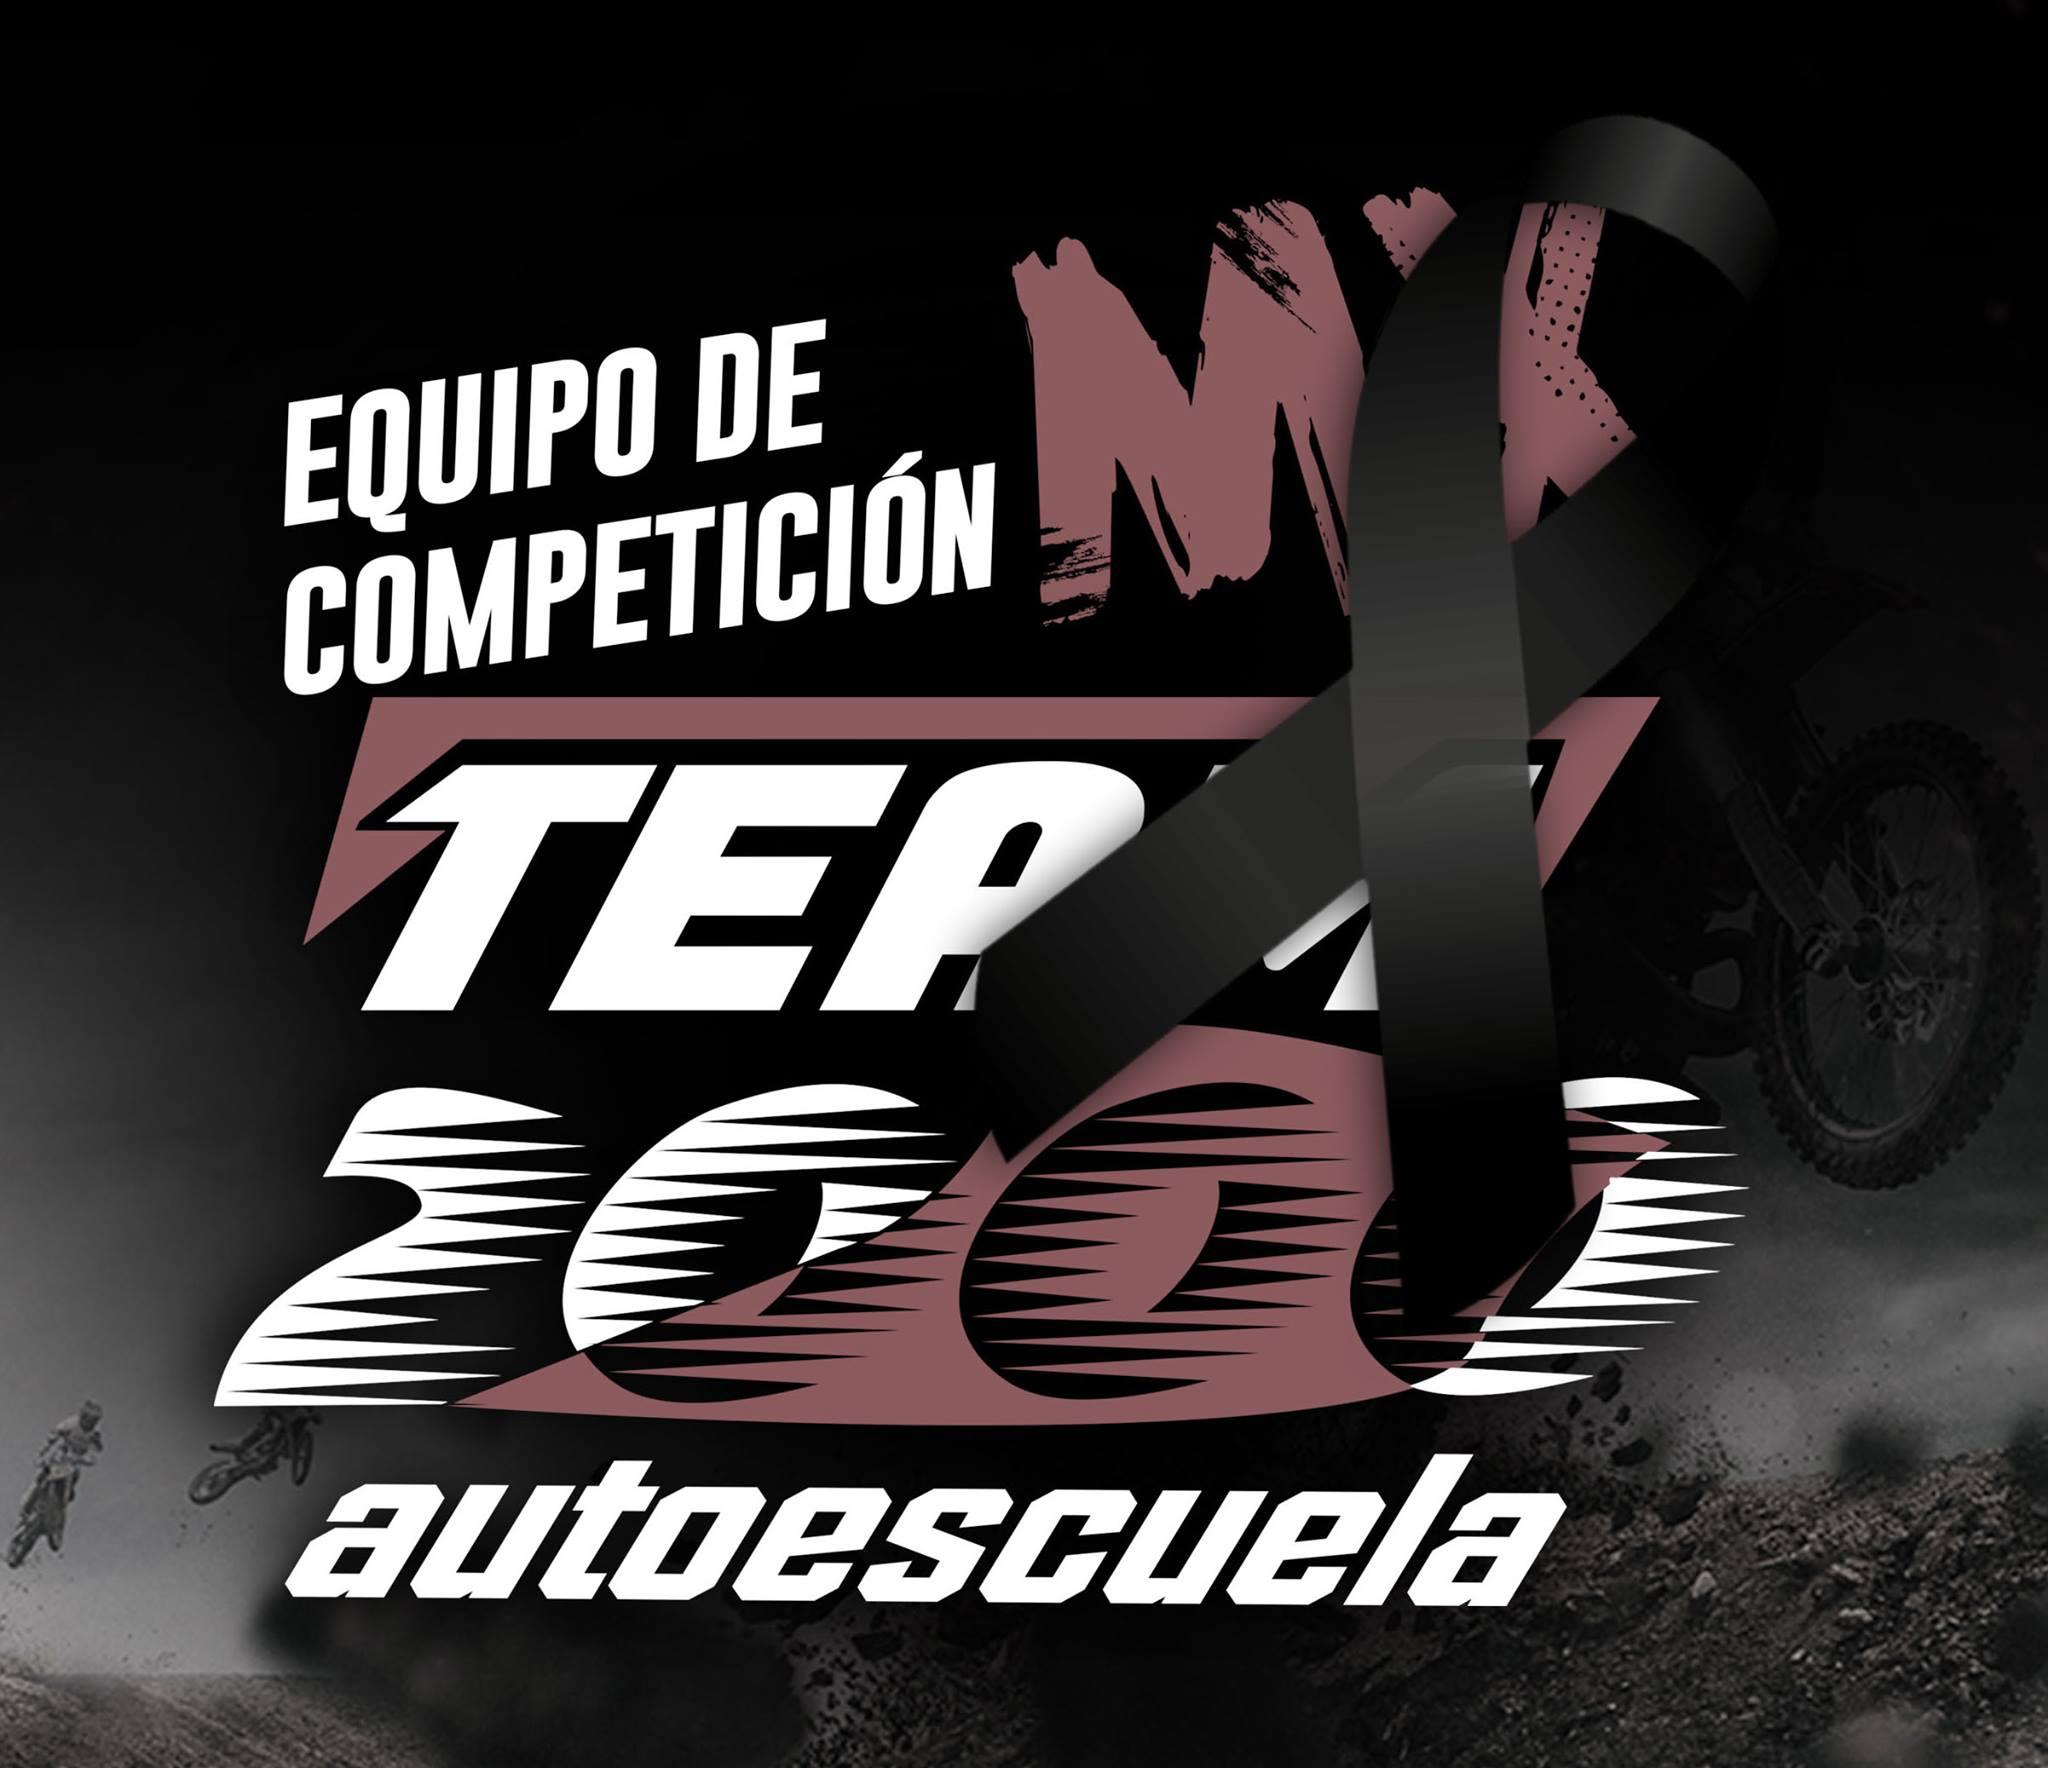 Equipo de Motocross